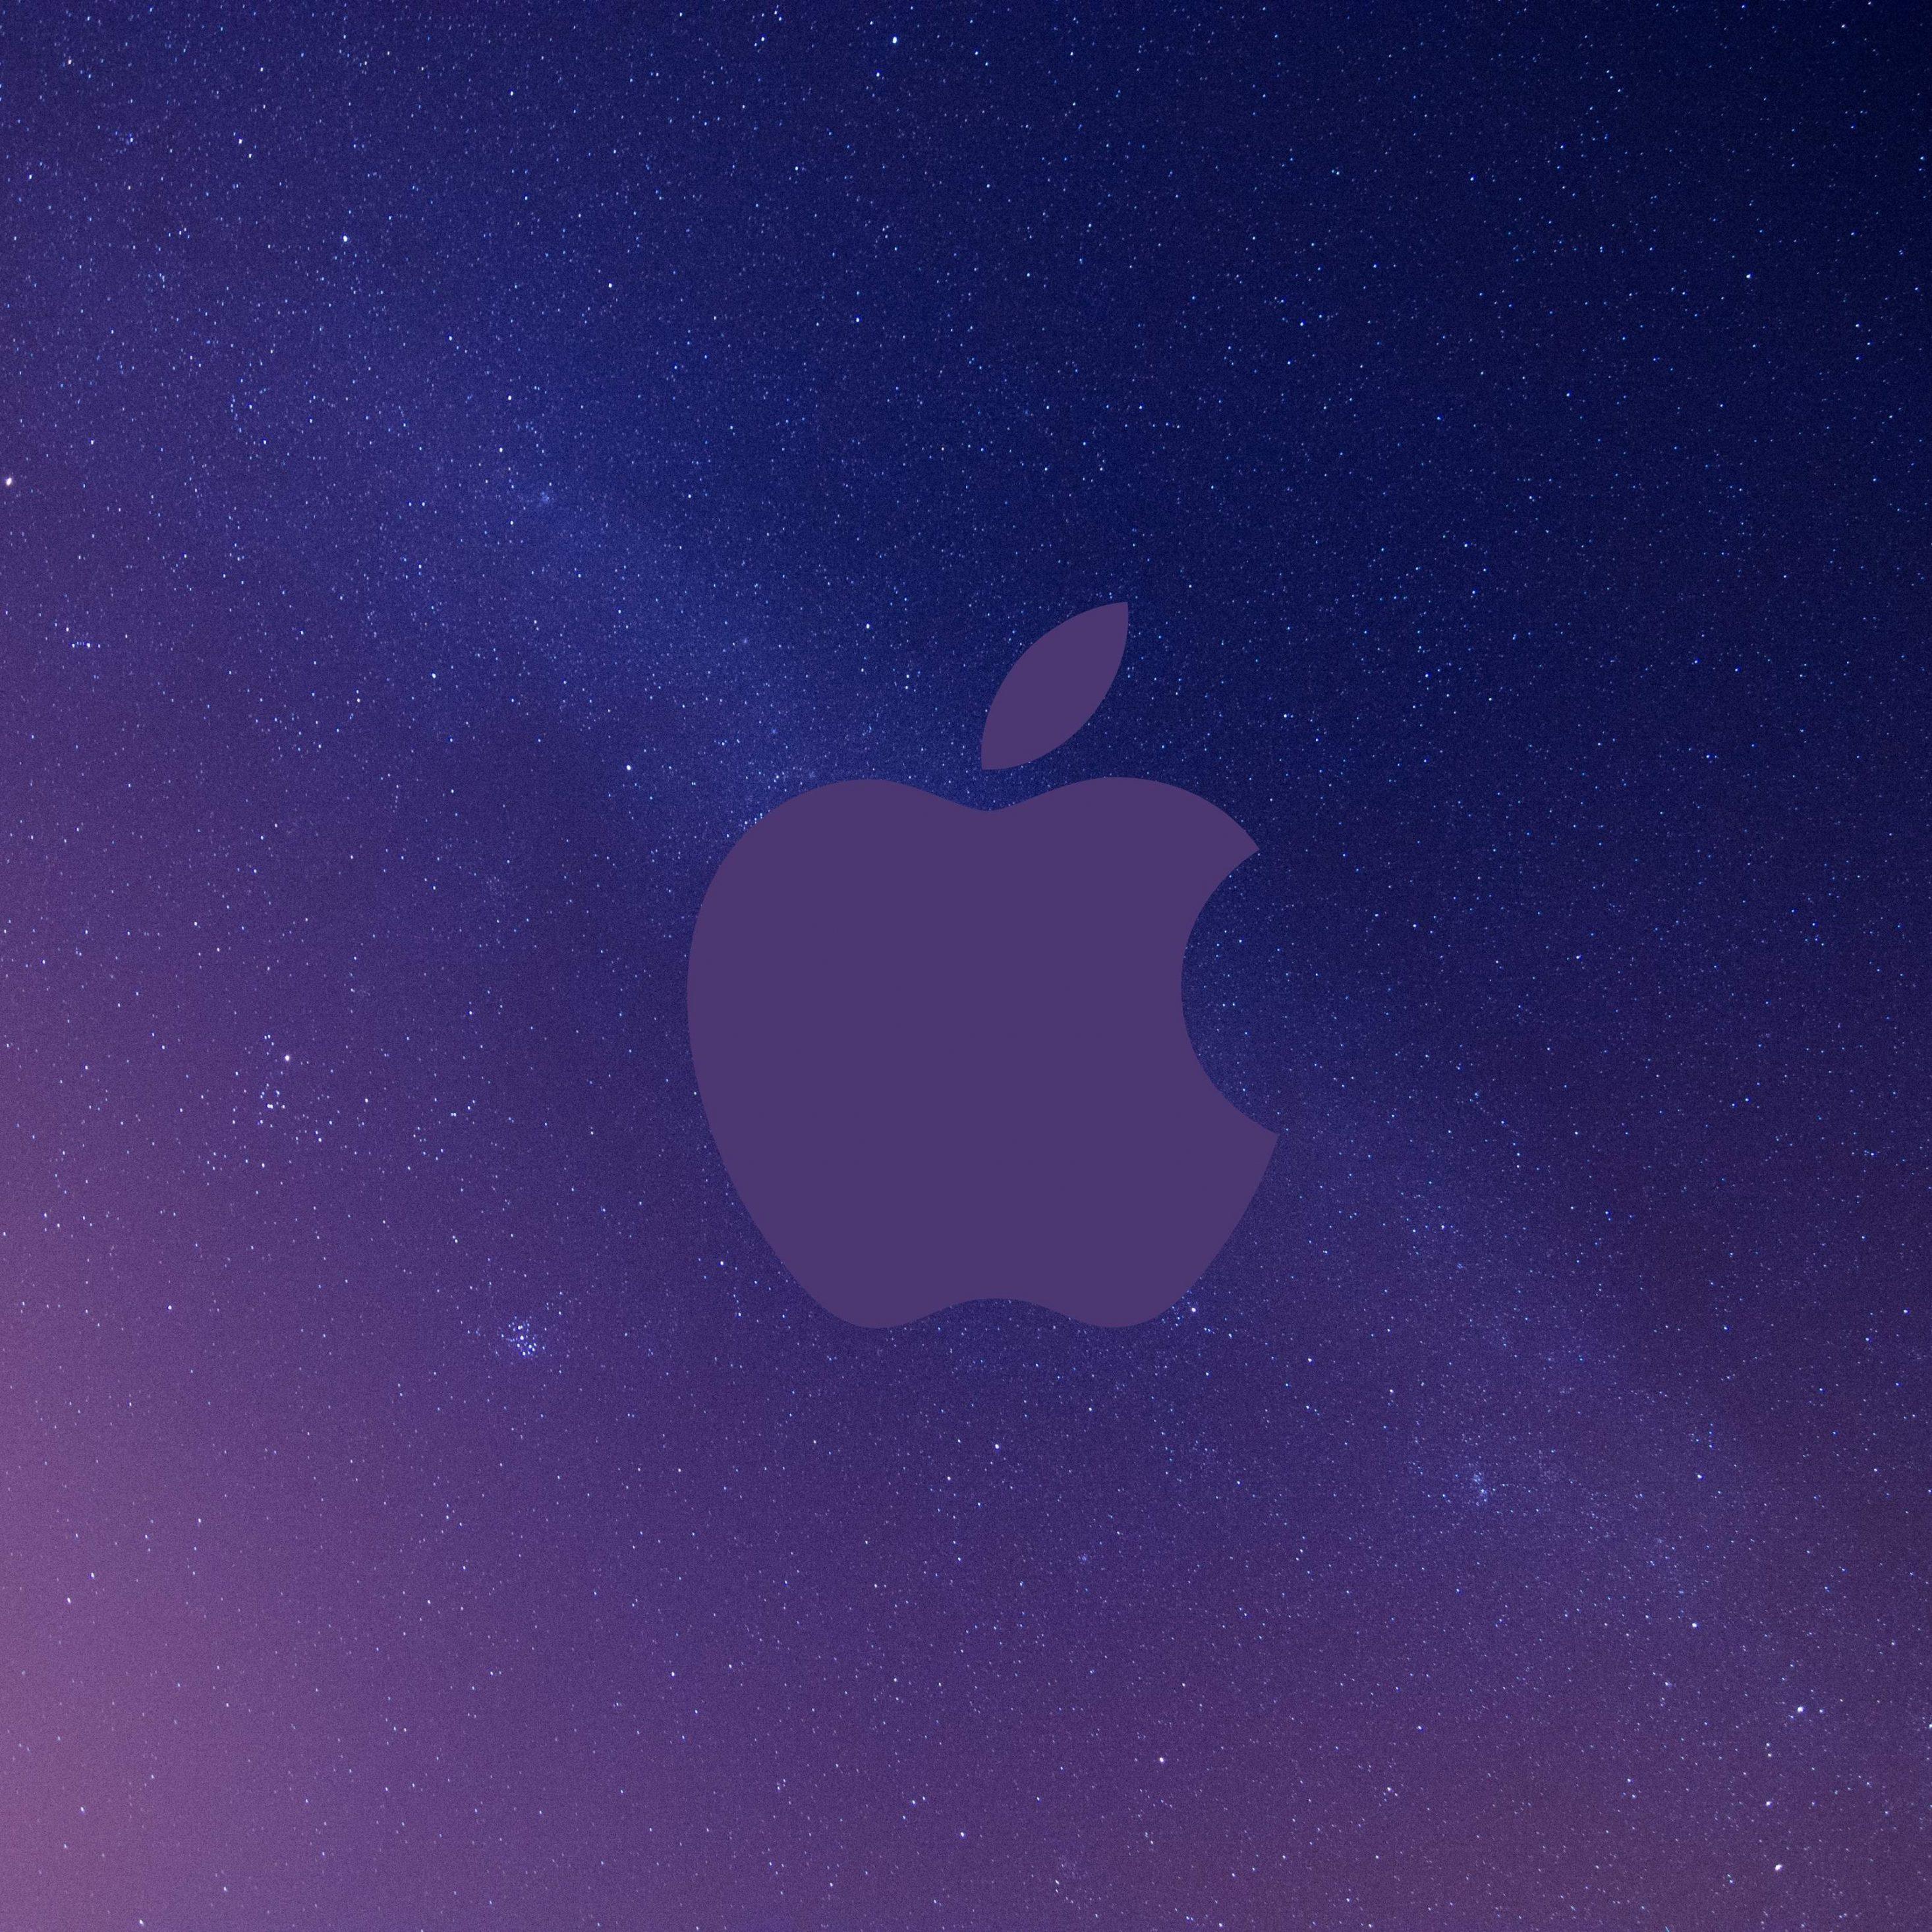 2932x2932 iPad Pro wallpaper 4k Apple Logo Grey Sky Night Stars Space iPad Wallpaper 2932x2932 pixels resolution